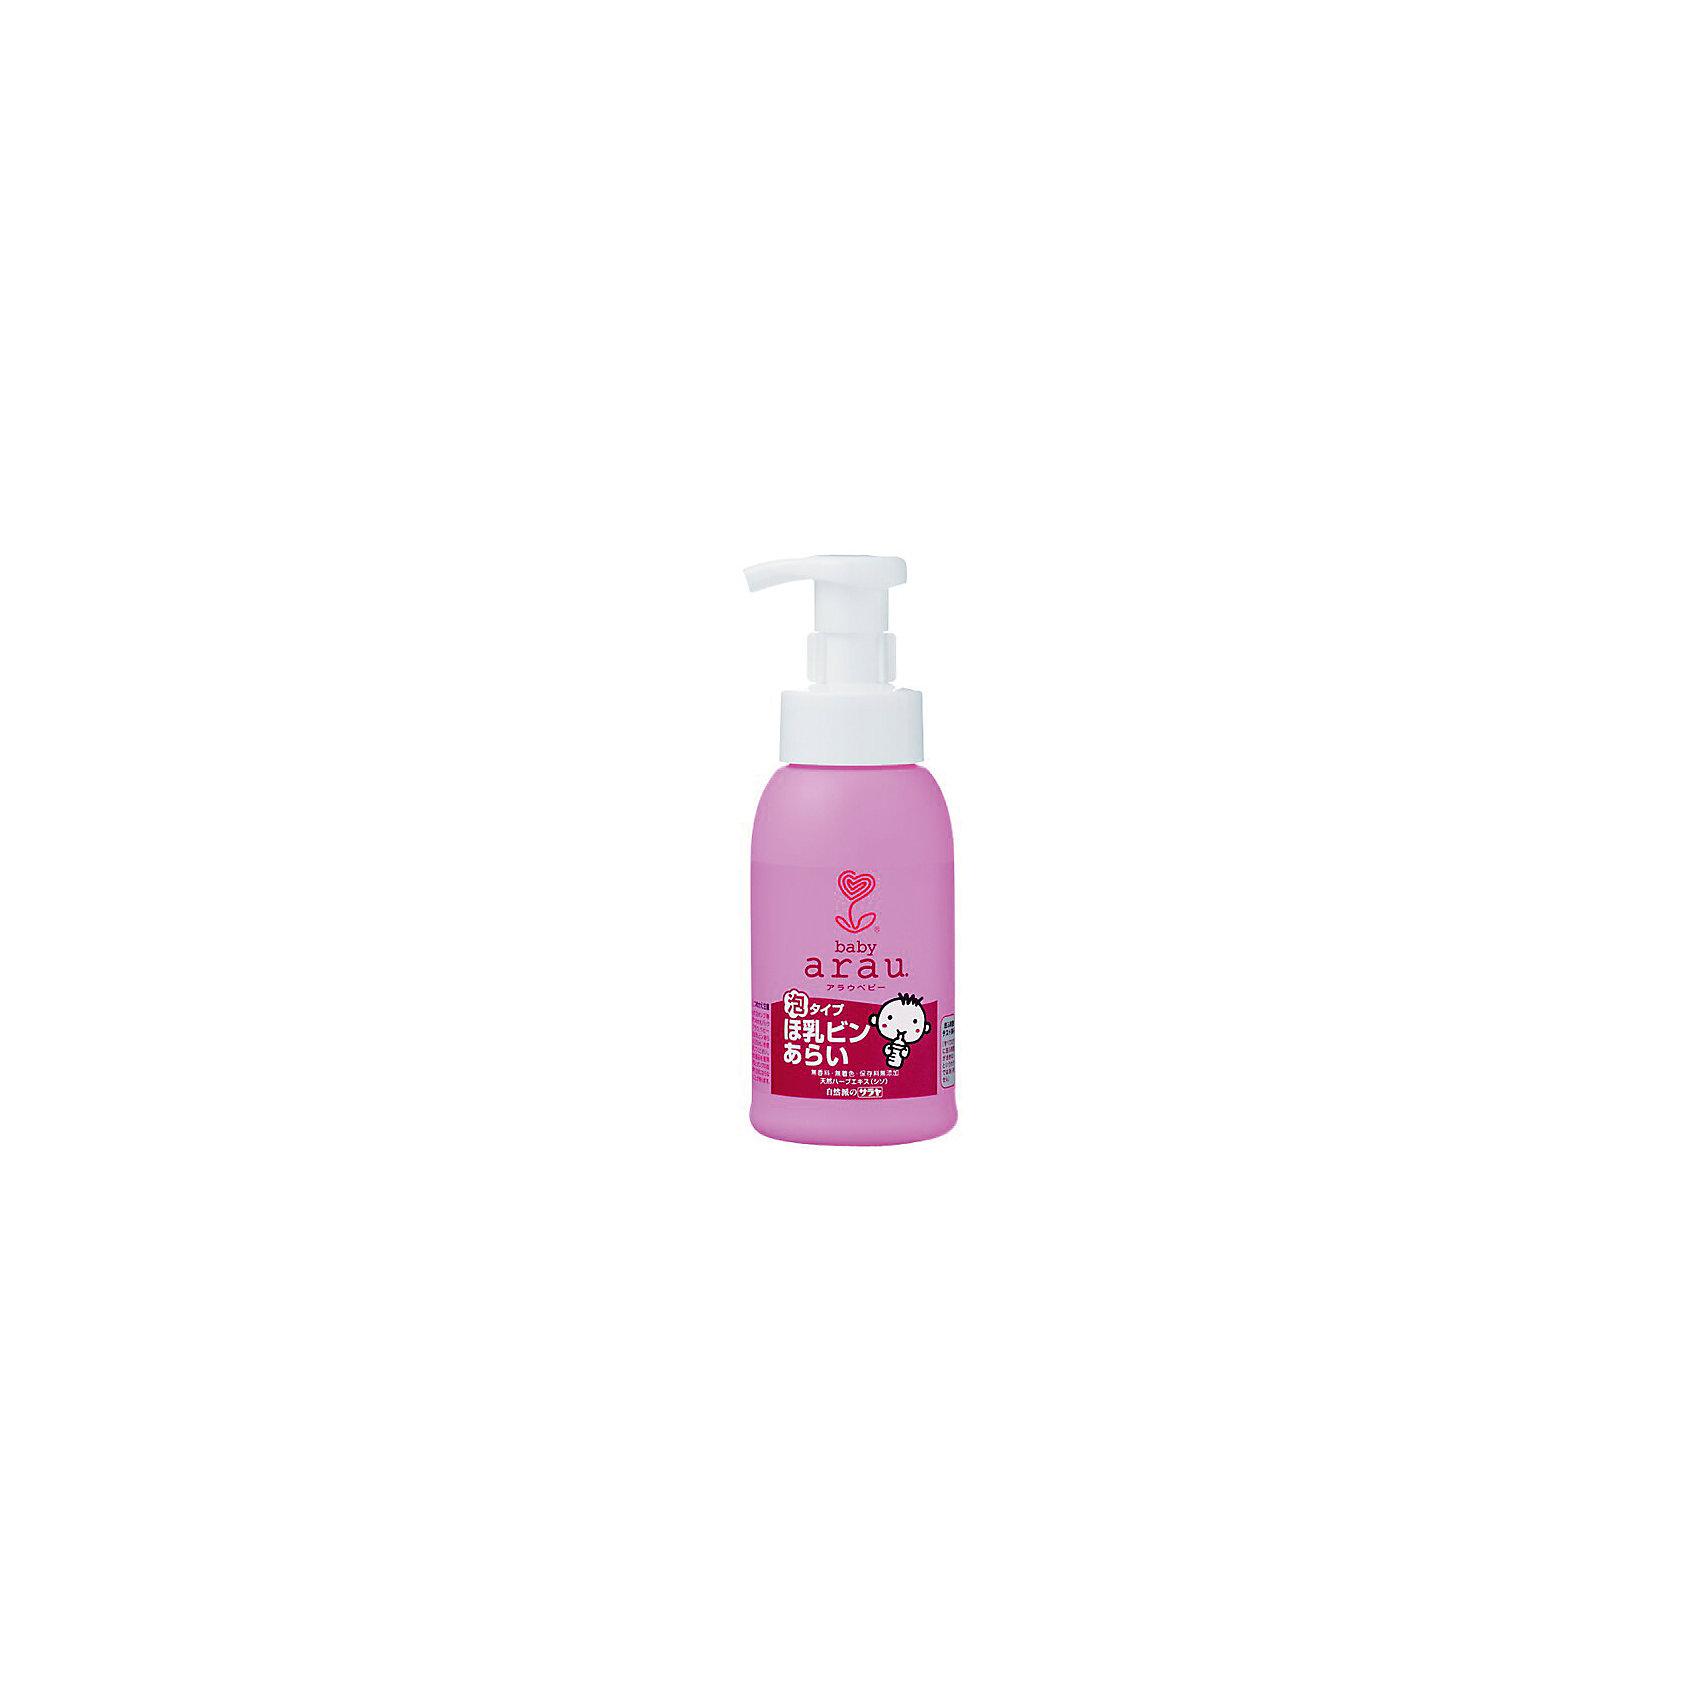 Средство для мытья детской посуды Arau Baby, 300 мл., sarayaБытовая химия<br>Средство для мытья детской посуды Arau Baby, 300 мл., Saraya<br><br>Характеристики:<br><br>- объем: 300 мл.<br>- состав: Чистое мыло (10% калиевые соли жирных кислот), стабилизатор<br>- область применения: посуда, кухонные поверхности, овощи, фрукты<br>- cтрана производитель: Япония<br><br>Густая, обильная пена смоет жир и загрязнения, оставляя скрипящую чистоту и блеск на вашей посуде. Отлично отмывает керамическую, стеклянную и металическую посуду, пластиковые контейнеры и ланчбоксы, быстро смывается водой. <br><br>Средство полностью натурально и не будет раздражать руки, как это делают синтетические средства. Вся продукция линии Аrau Baby (Арау Бейби) оказывают бережное отношение к окружающей среде и разлагаются не загрязняя её. <br><br>Природные компоненты состава этого средства не провоцируют аллергию, формула проверена дерматологами и не провоцирует раздражение. Ненатуральные ароматизаторы или красители в формулу не входят. Средство можно использовать для мытья детских игрушек и посуды. Безупречная чистота с безопасным составом от Аrau Baby (Арау Бейби) придет вам по вкусу!<br><br>Средство для мытья детской посуды Arau Baby, 300 мл., Saraya можно купить в нашем интернет-магазине.<br><br>Ширина мм: 430<br>Глубина мм: 295<br>Высота мм: 215<br>Вес г: 300<br>Возраст от месяцев: 216<br>Возраст до месяцев: 1188<br>Пол: Унисекс<br>Возраст: Детский<br>SKU: 5397363